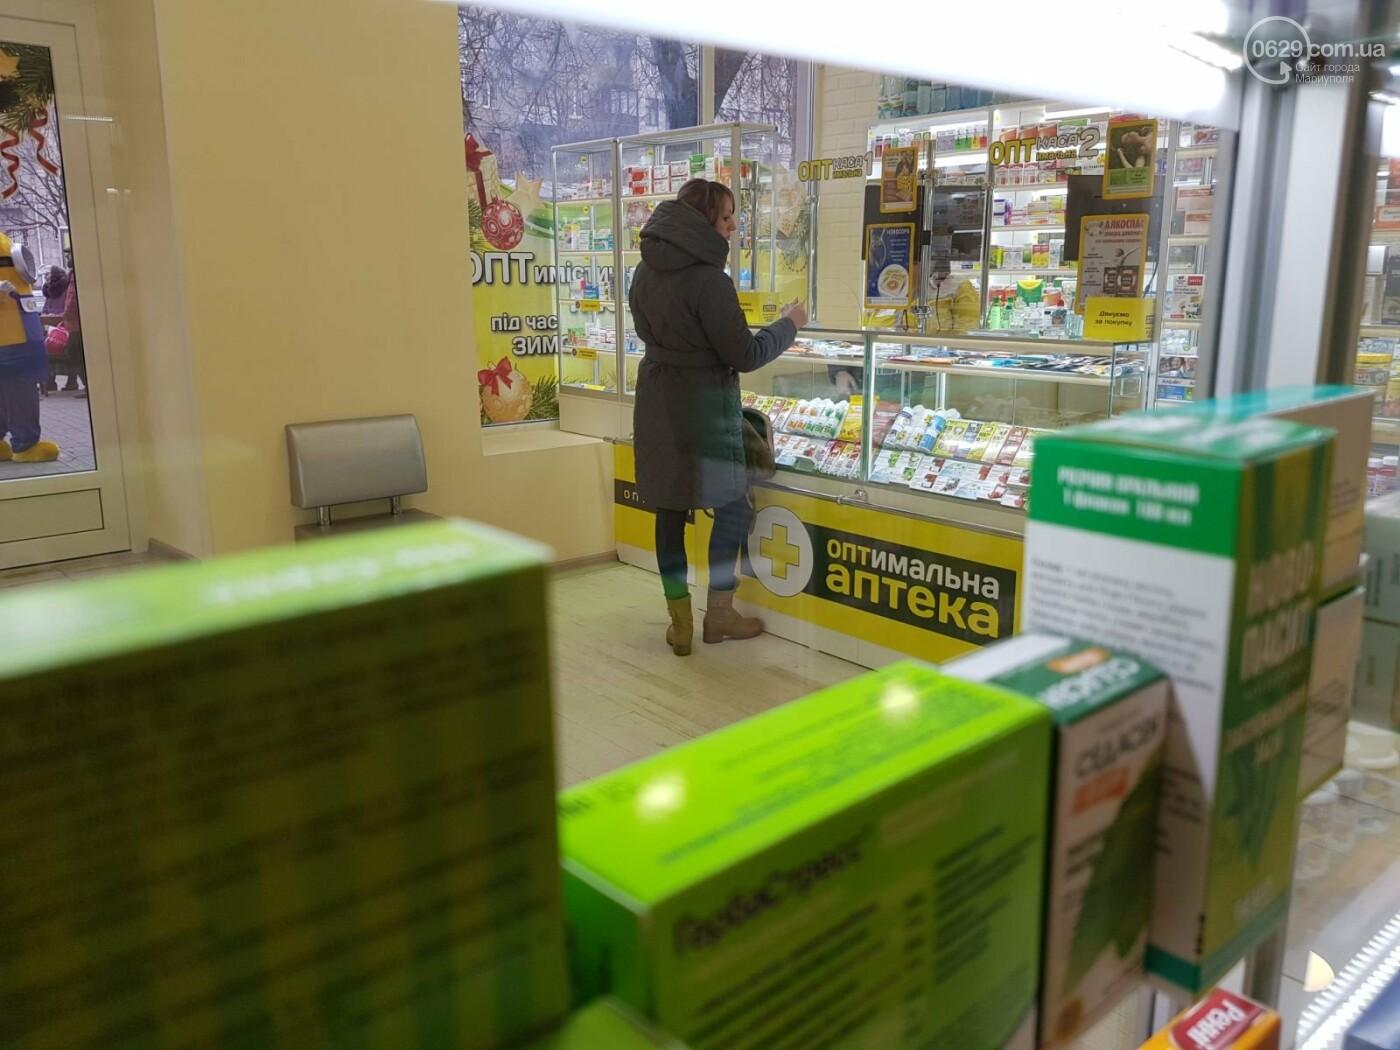 В Мариуполе открылась «Оптимальная Аптека», фото-6